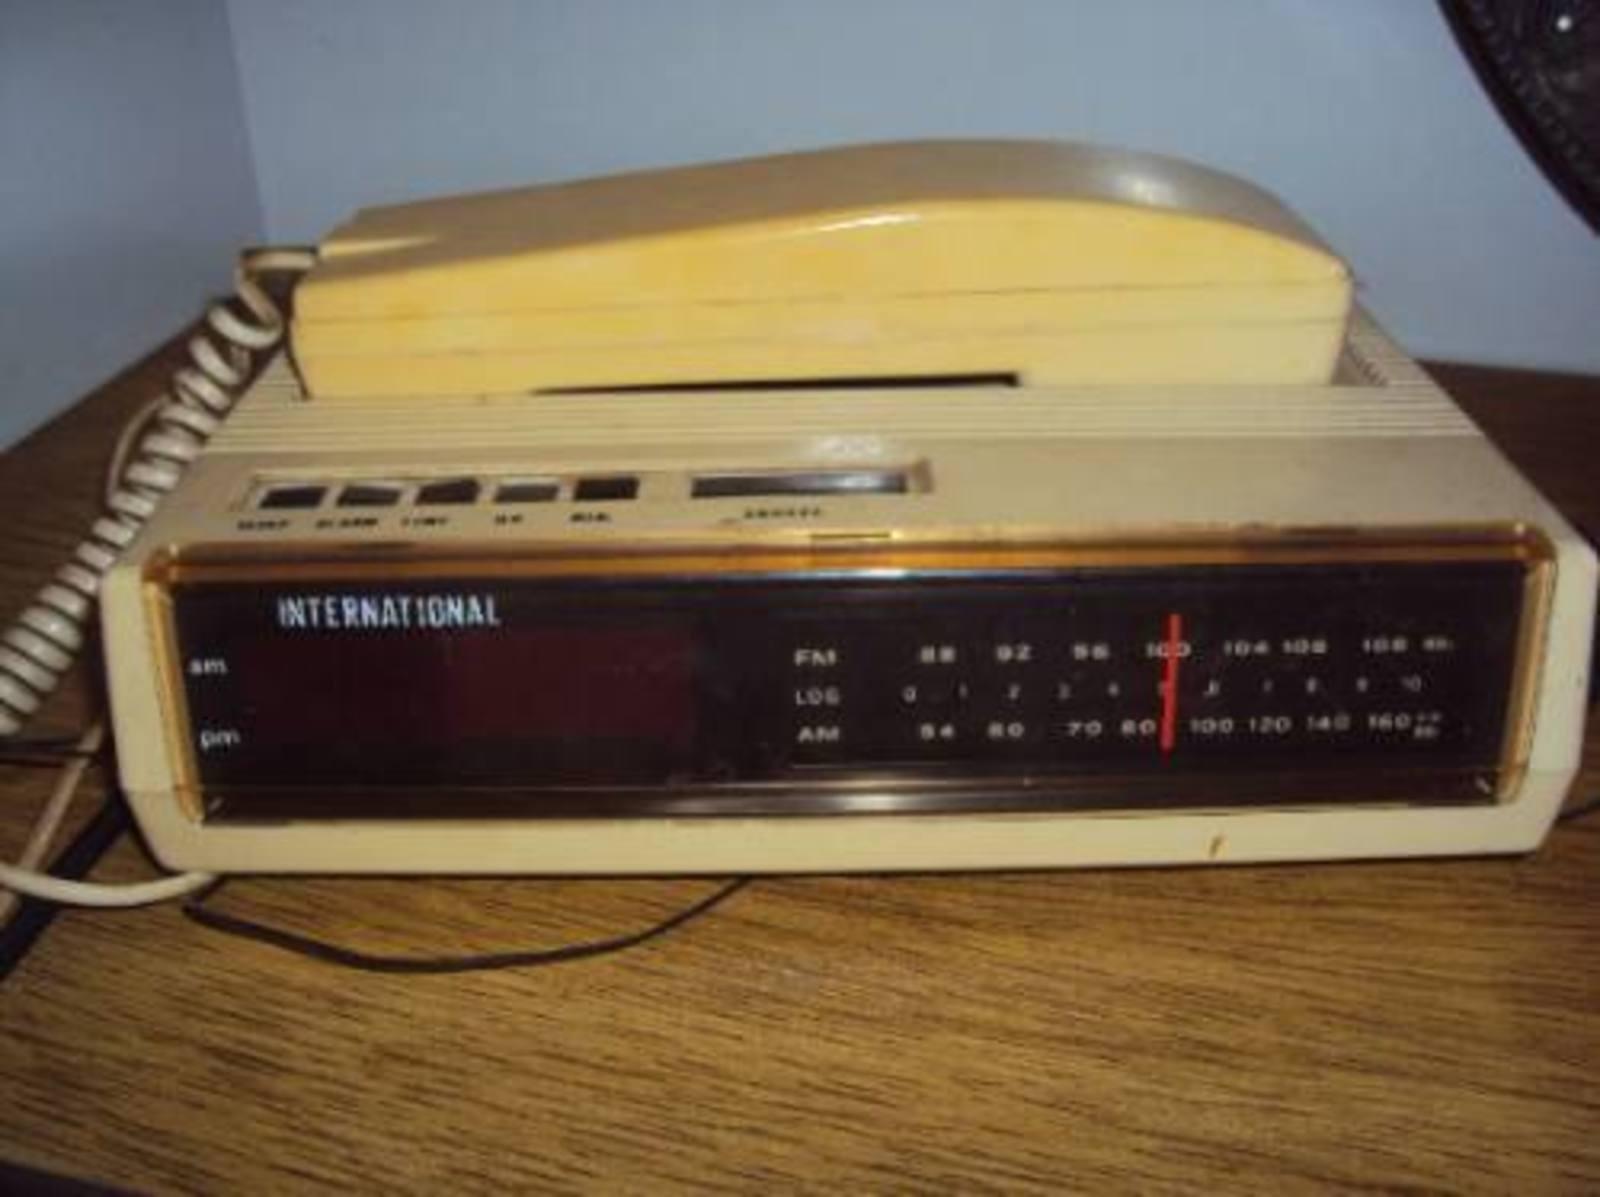 Rádio Relógio International com telefone - Muzeez